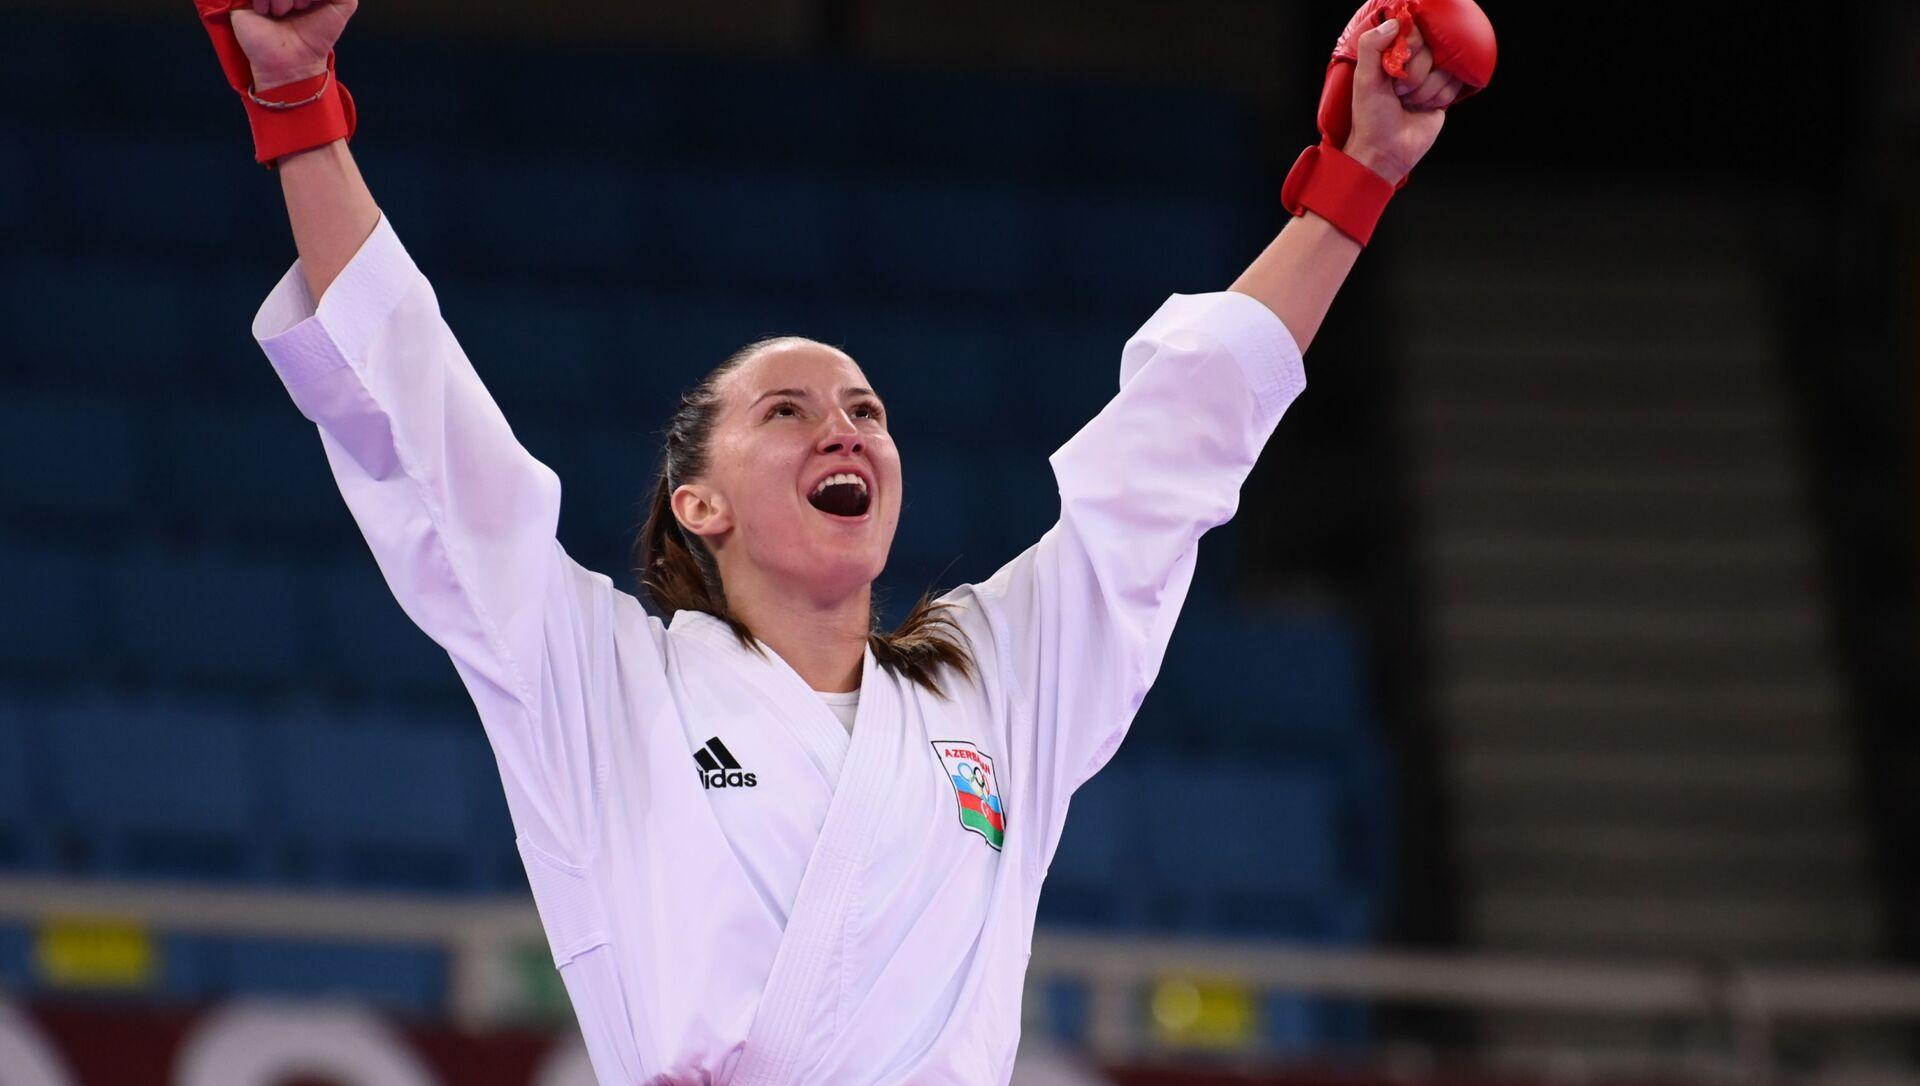 Азербайджанская каратистка Ирина Зарецкая во время выступления на Олимпийских играх в Токио - Sputnik Азербайджан, 1920, 10.08.2021